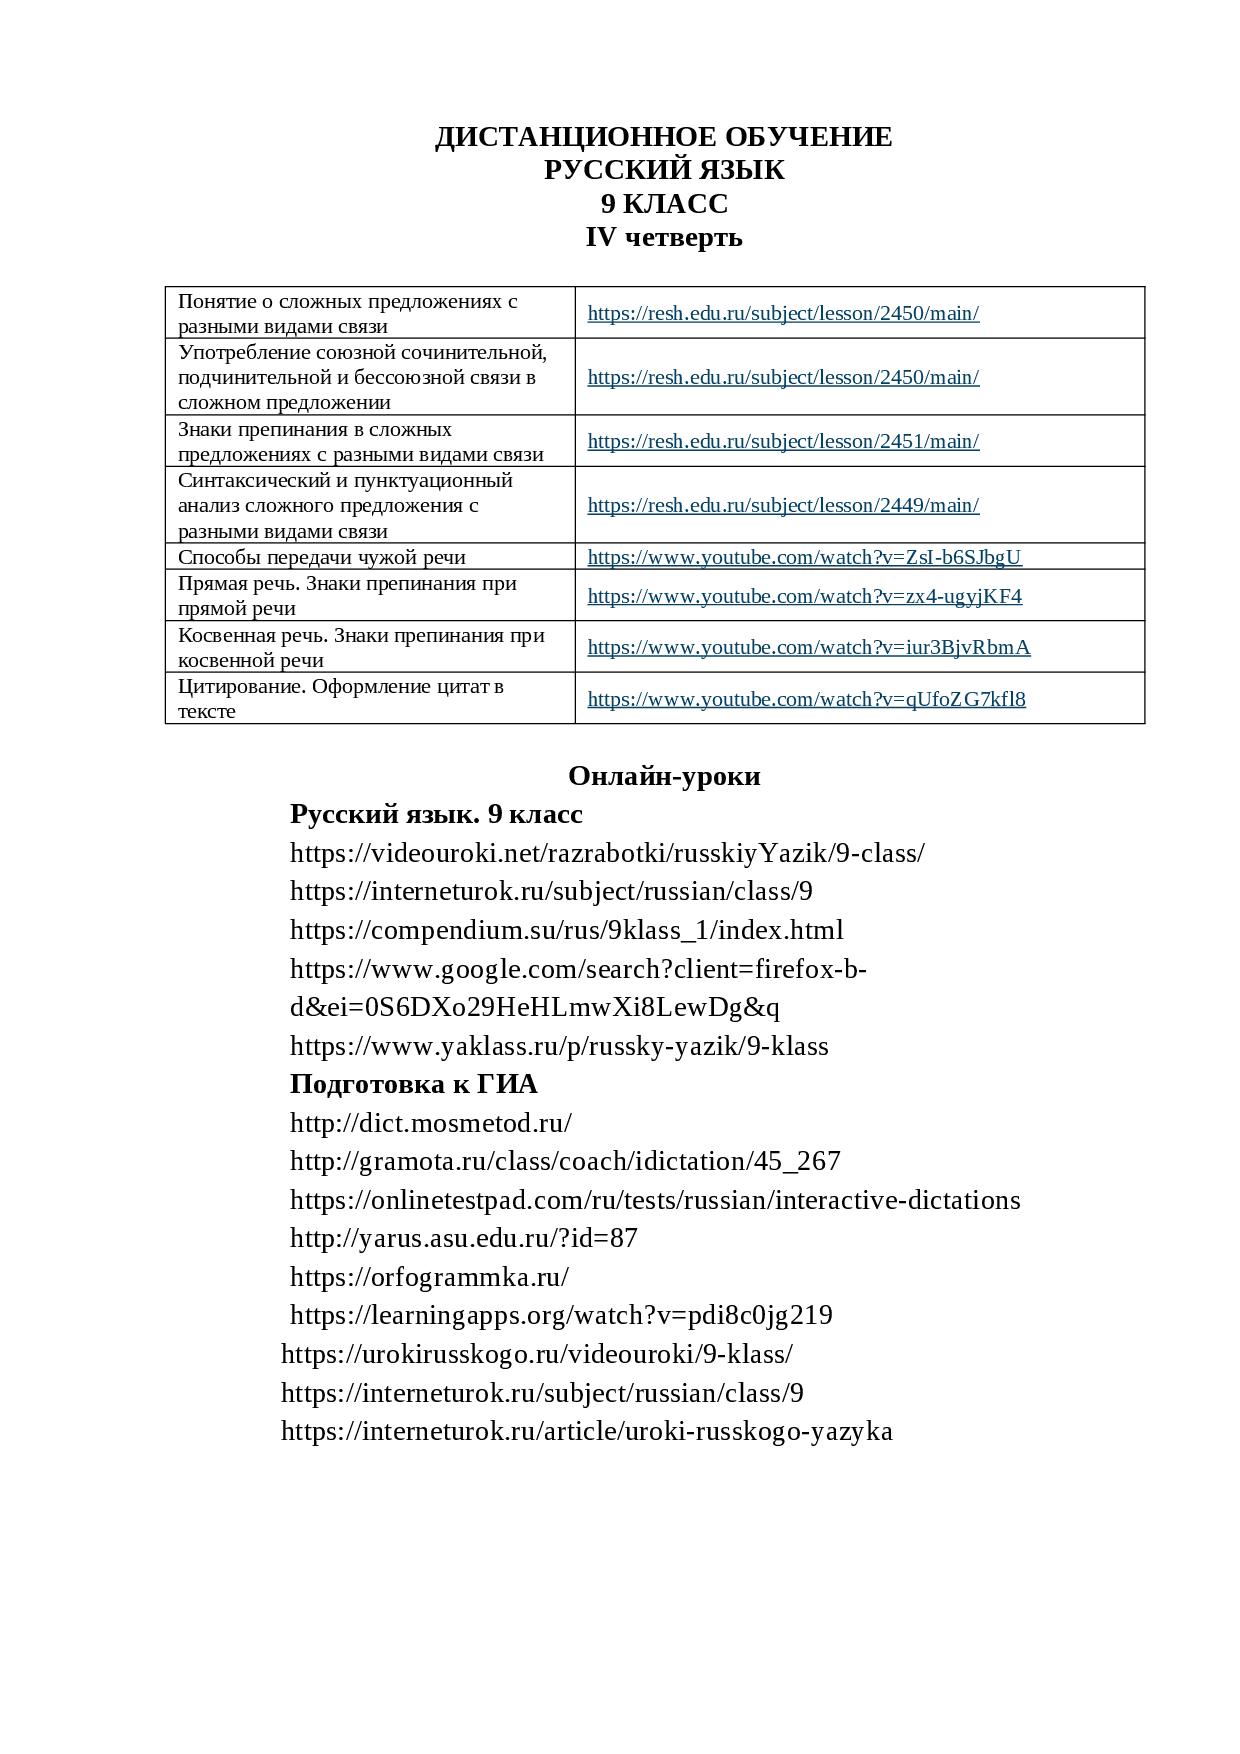 Как оформить цитату в реферате, курсовой или дипломе